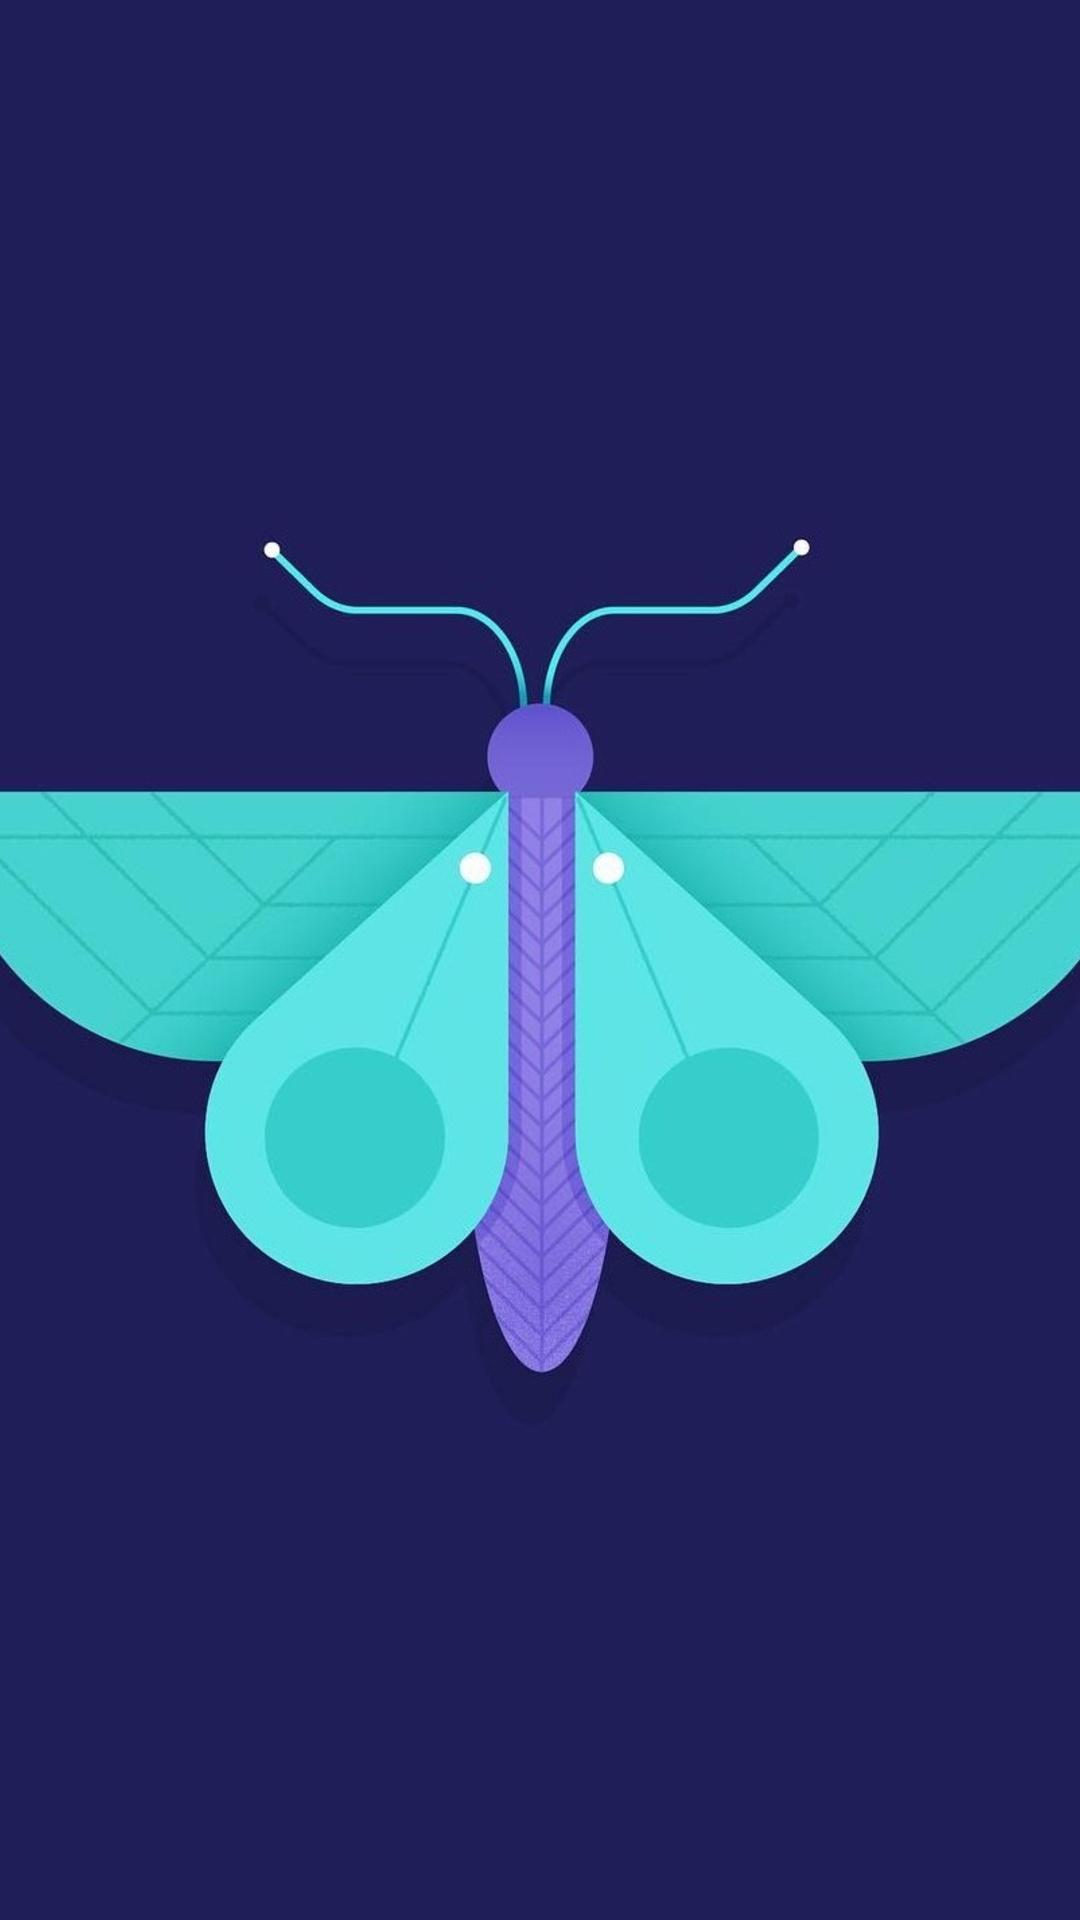 butterfly-minimalism-4e.jpg